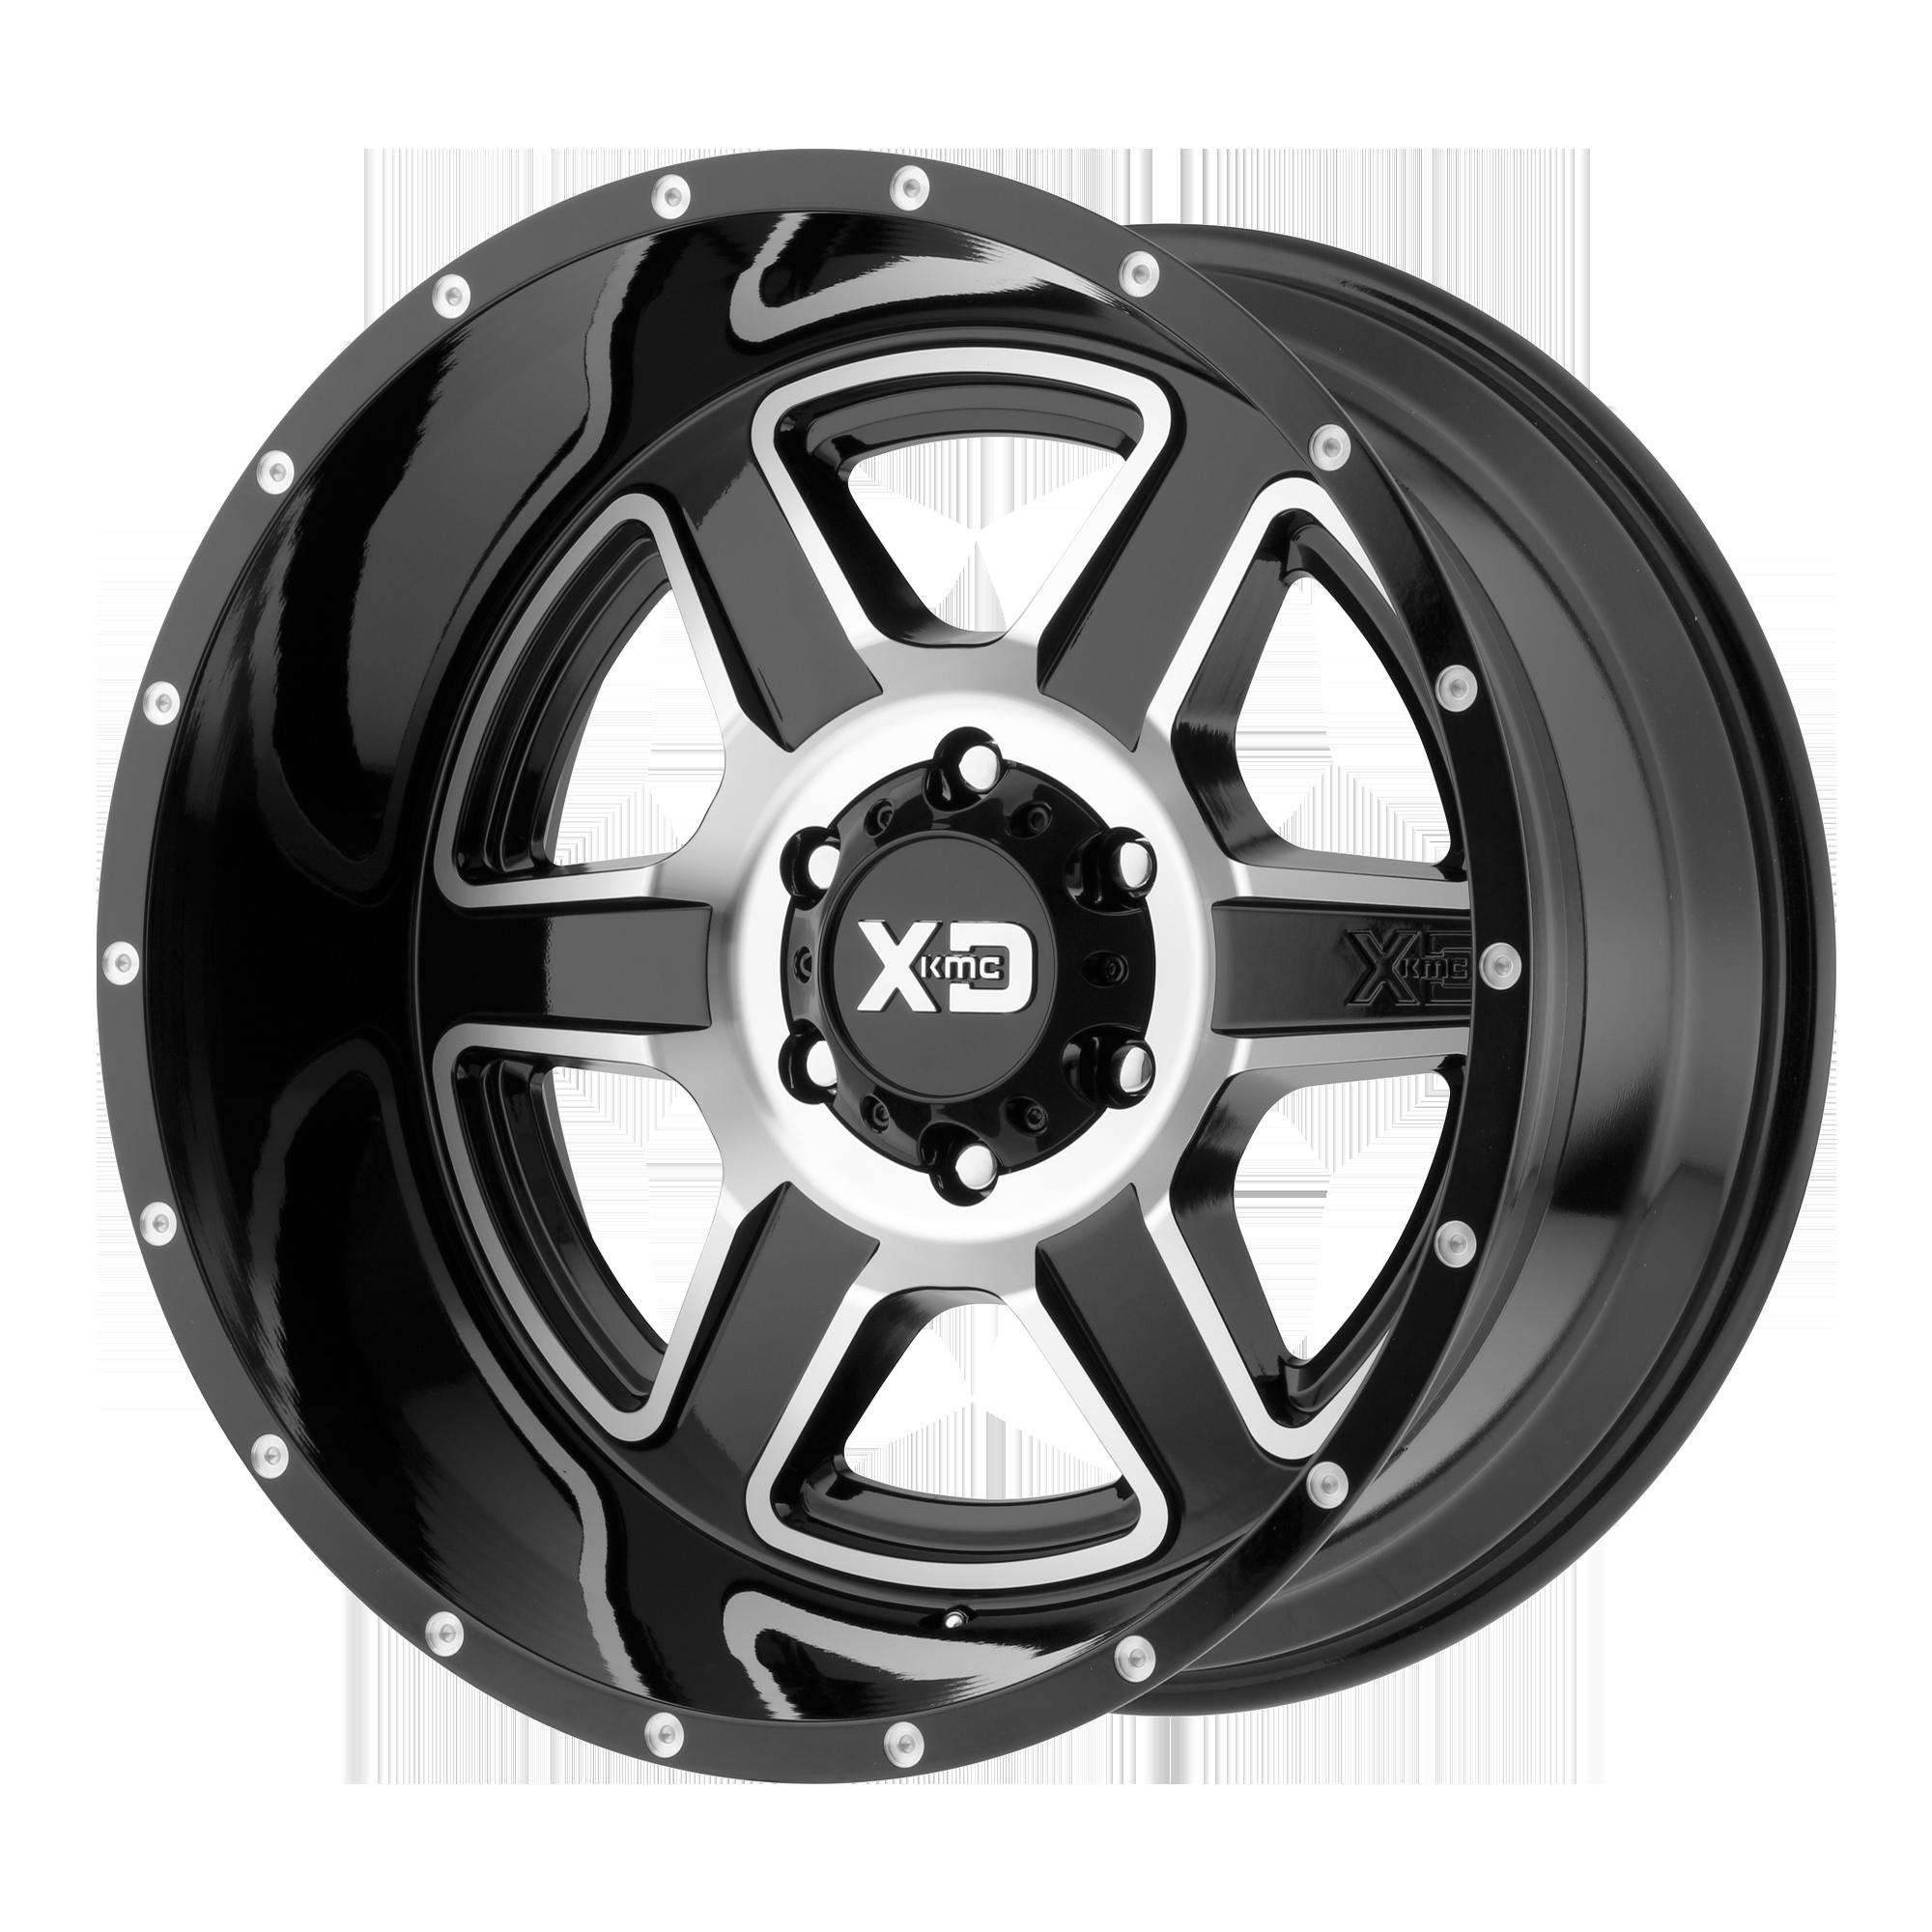 XD SERIES XD832 FUSION hliníkové disky 9x18 6x135 ET0 Gloss Black Machined